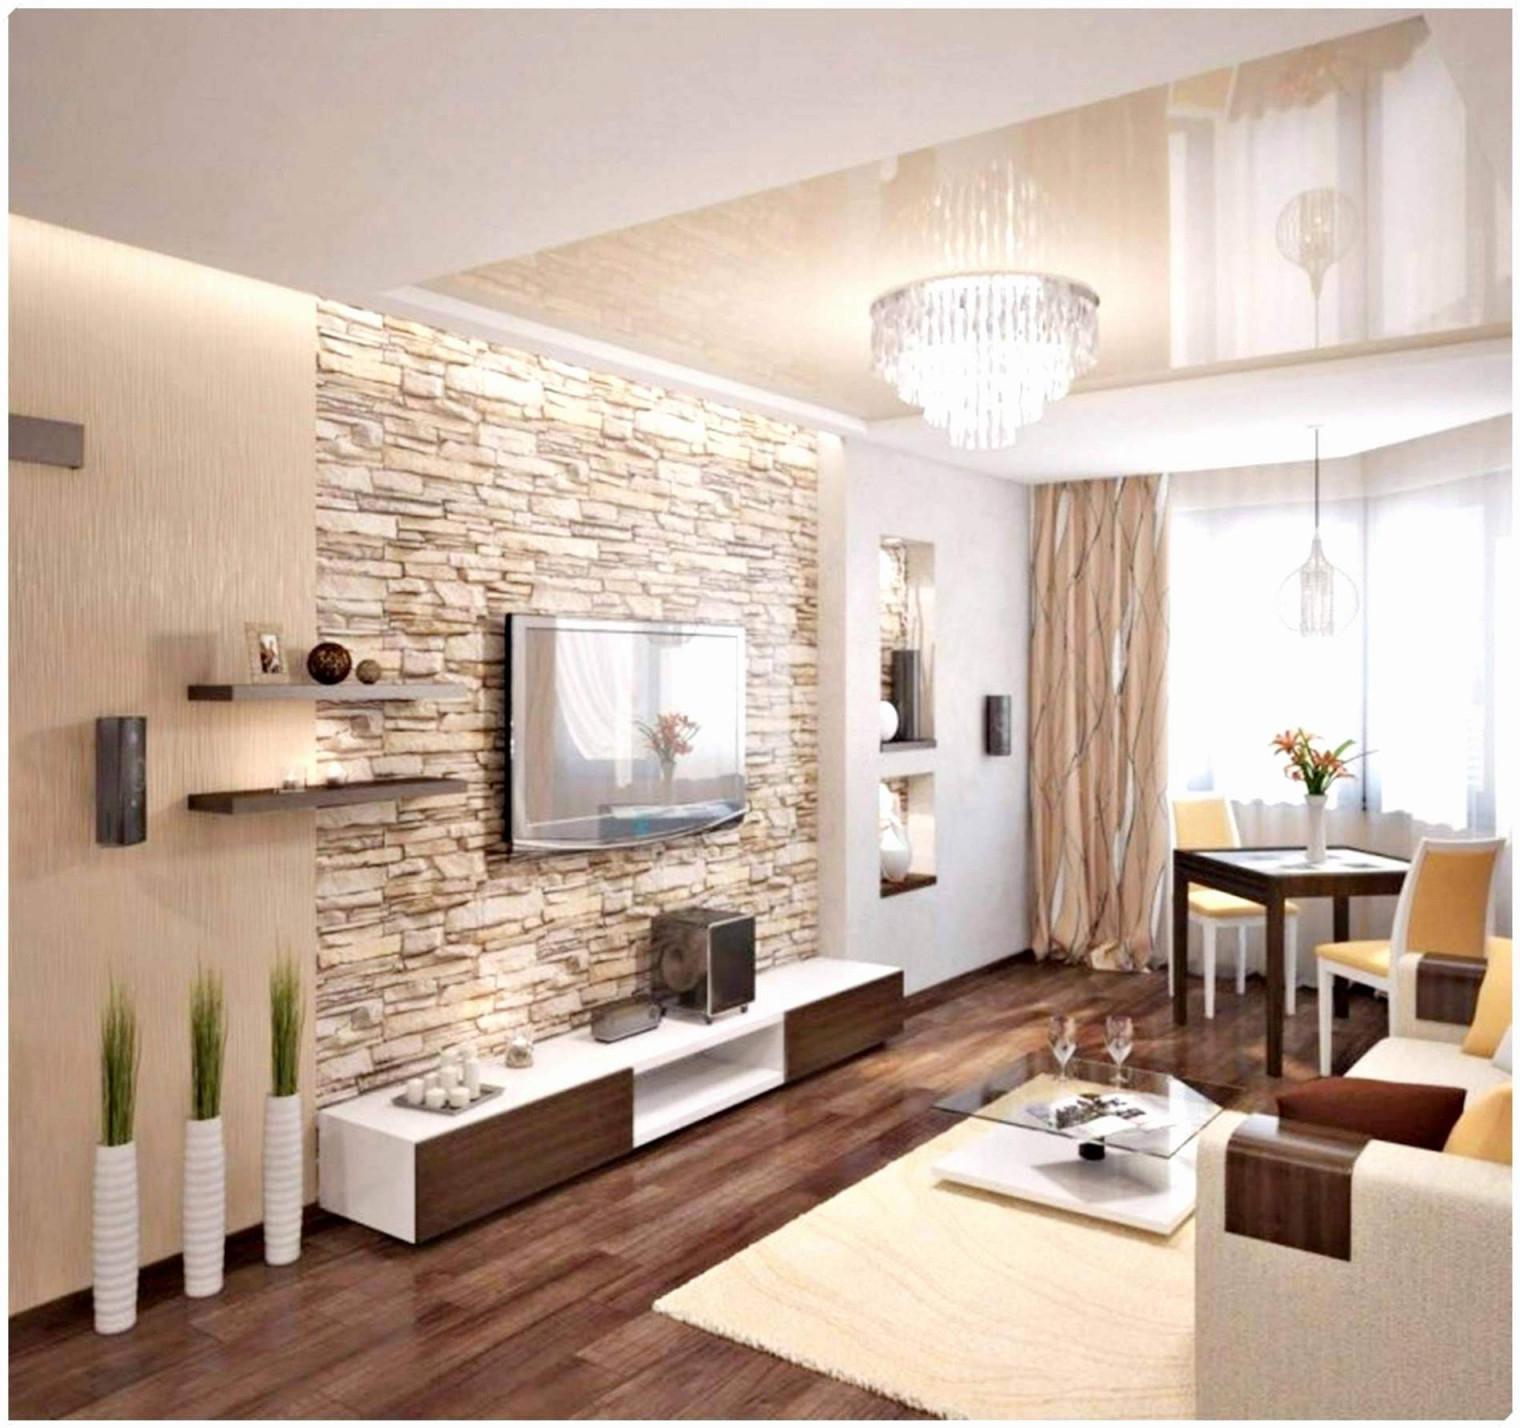 37 Luxus Tapeten Kombinationen Wohnzimmer Reizend von Tapeten Design Ideen Wohnzimmer Photo